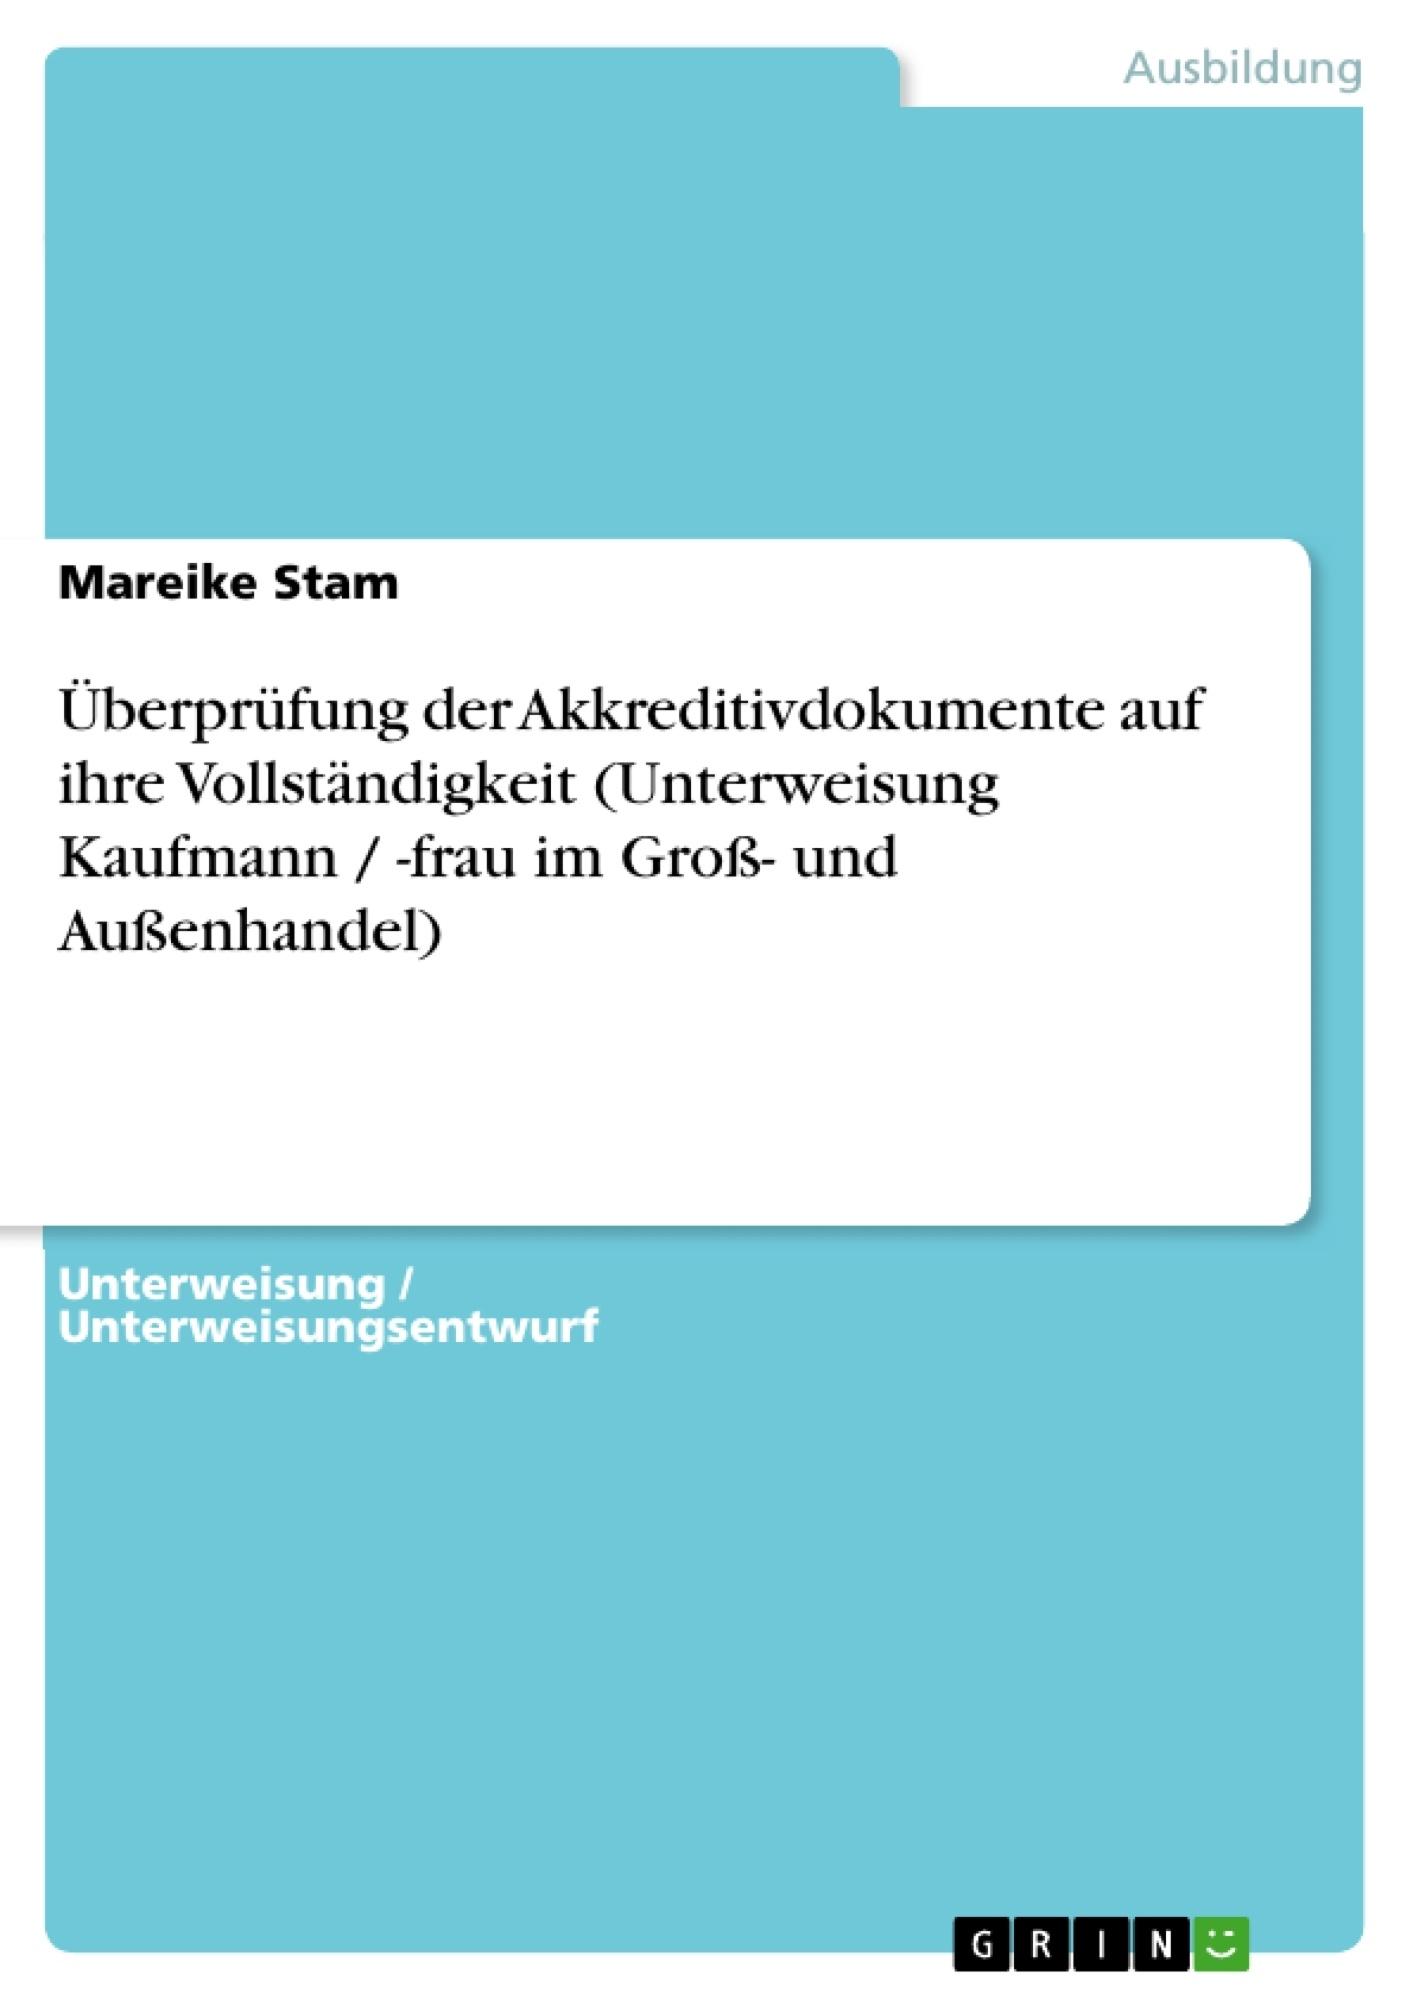 Titel: Überprüfung der Akkreditivdokumente auf ihre Vollständigkeit (Unterweisung Kaufmann / -frau im Groß- und Außenhandel)